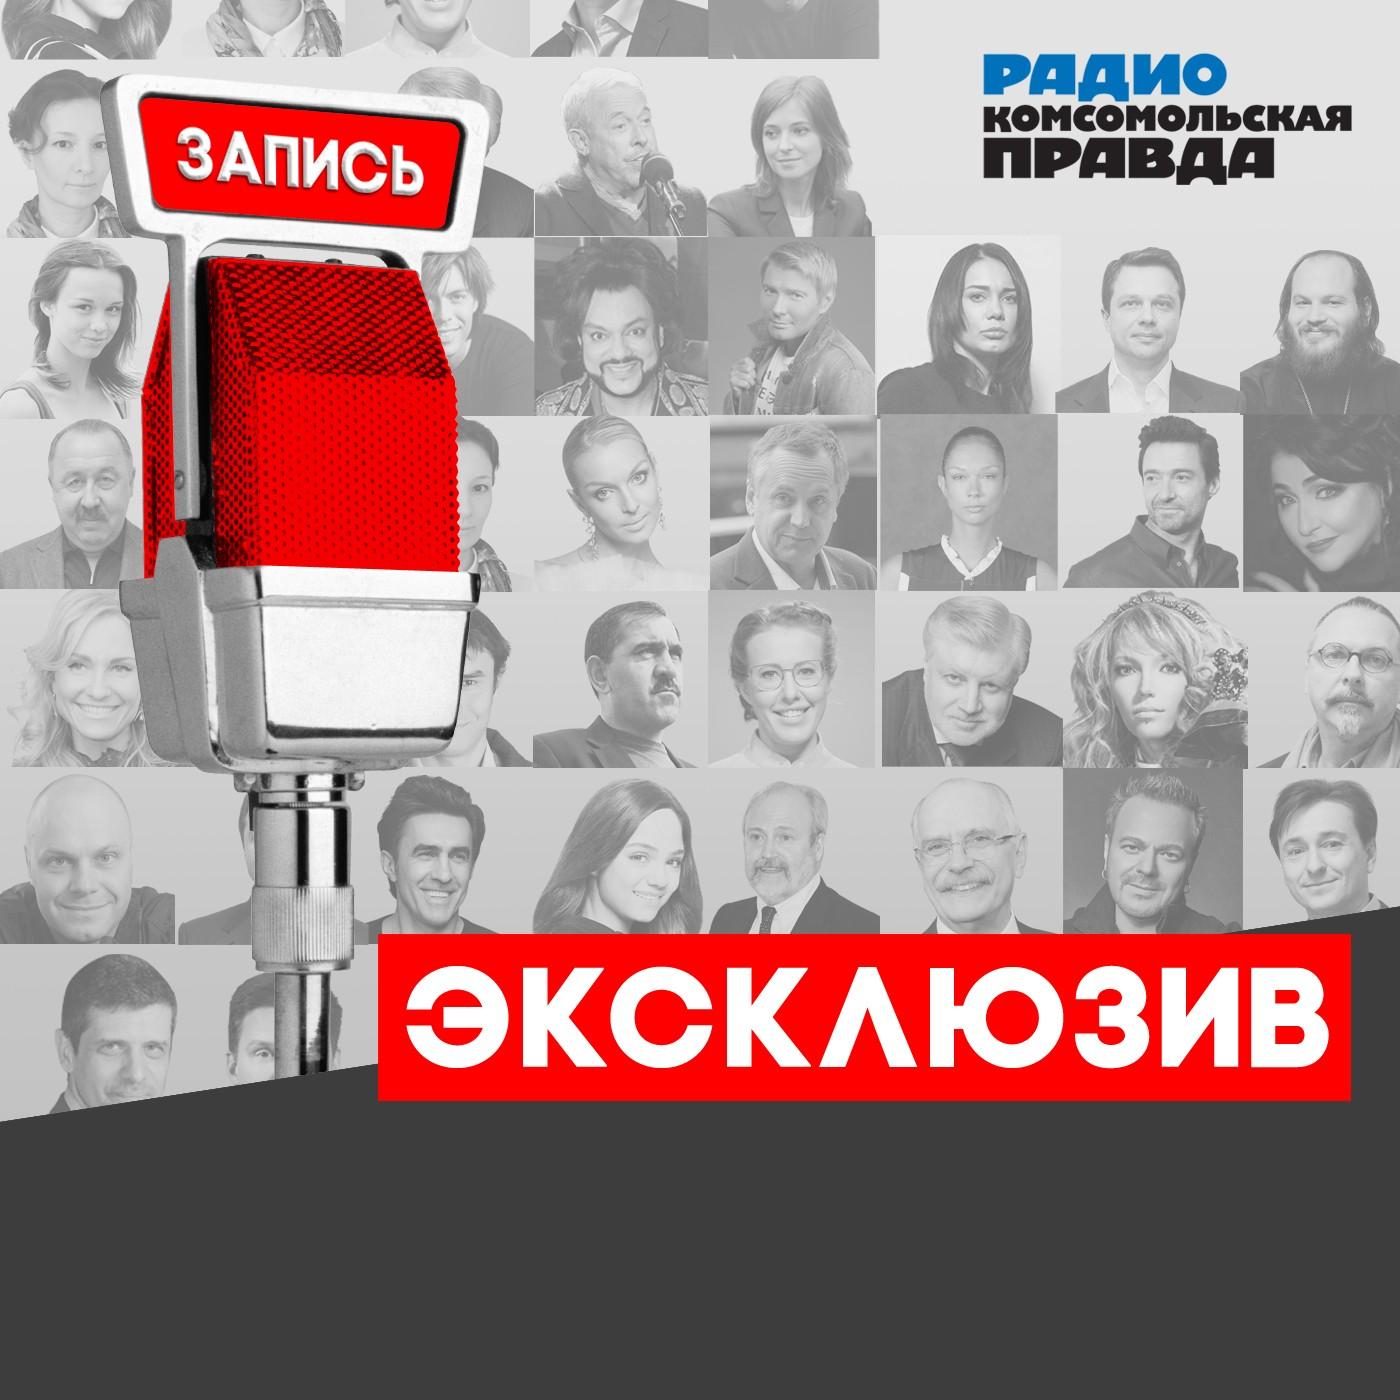 Радио «Комсомольская правда» Анна Кузнецова: Закон всегда на стороне ребенка, на стороне семьи анна кузнецова охота на пожирателей